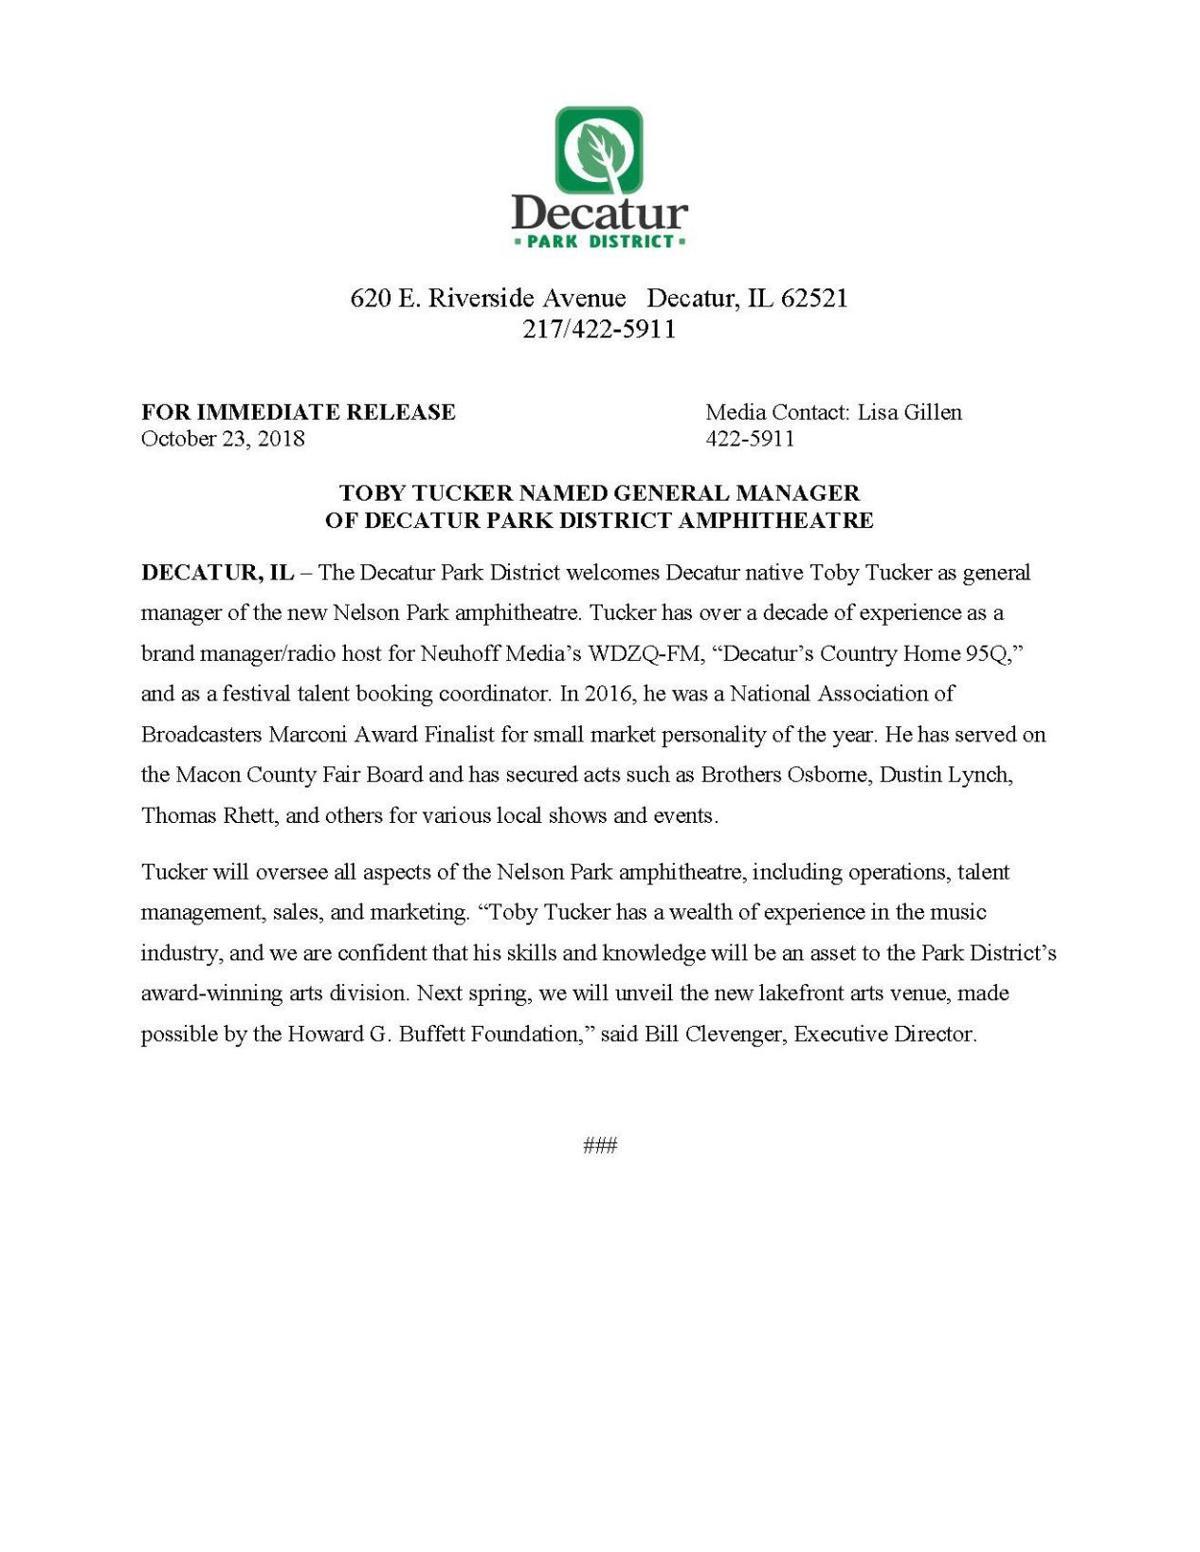 Park District press release